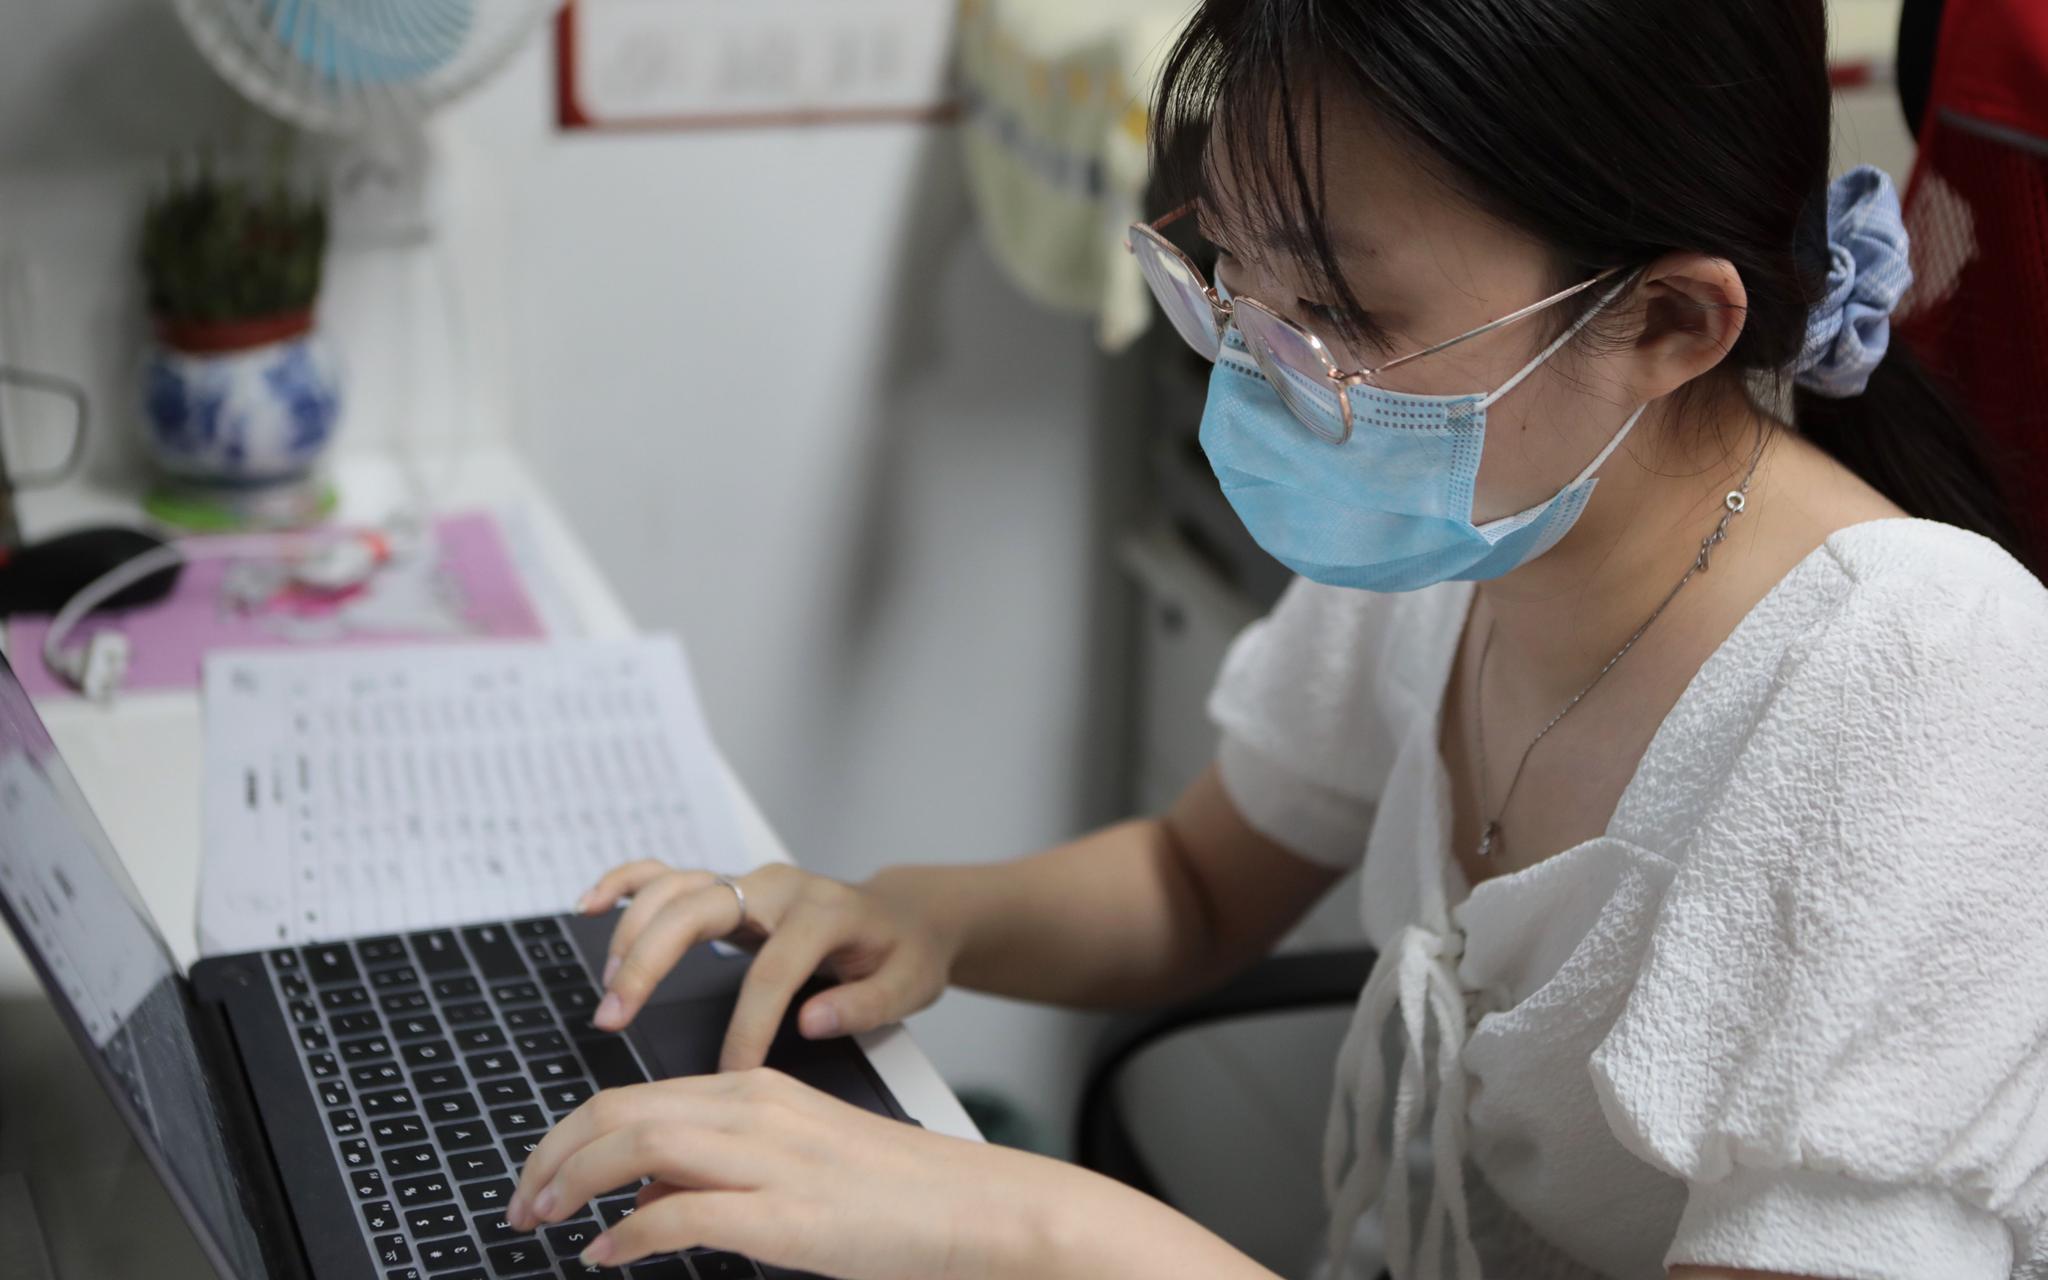 缪雨曈在社区帮忙录入核酸检测信息。摄影/新京报记者 王嘉宁